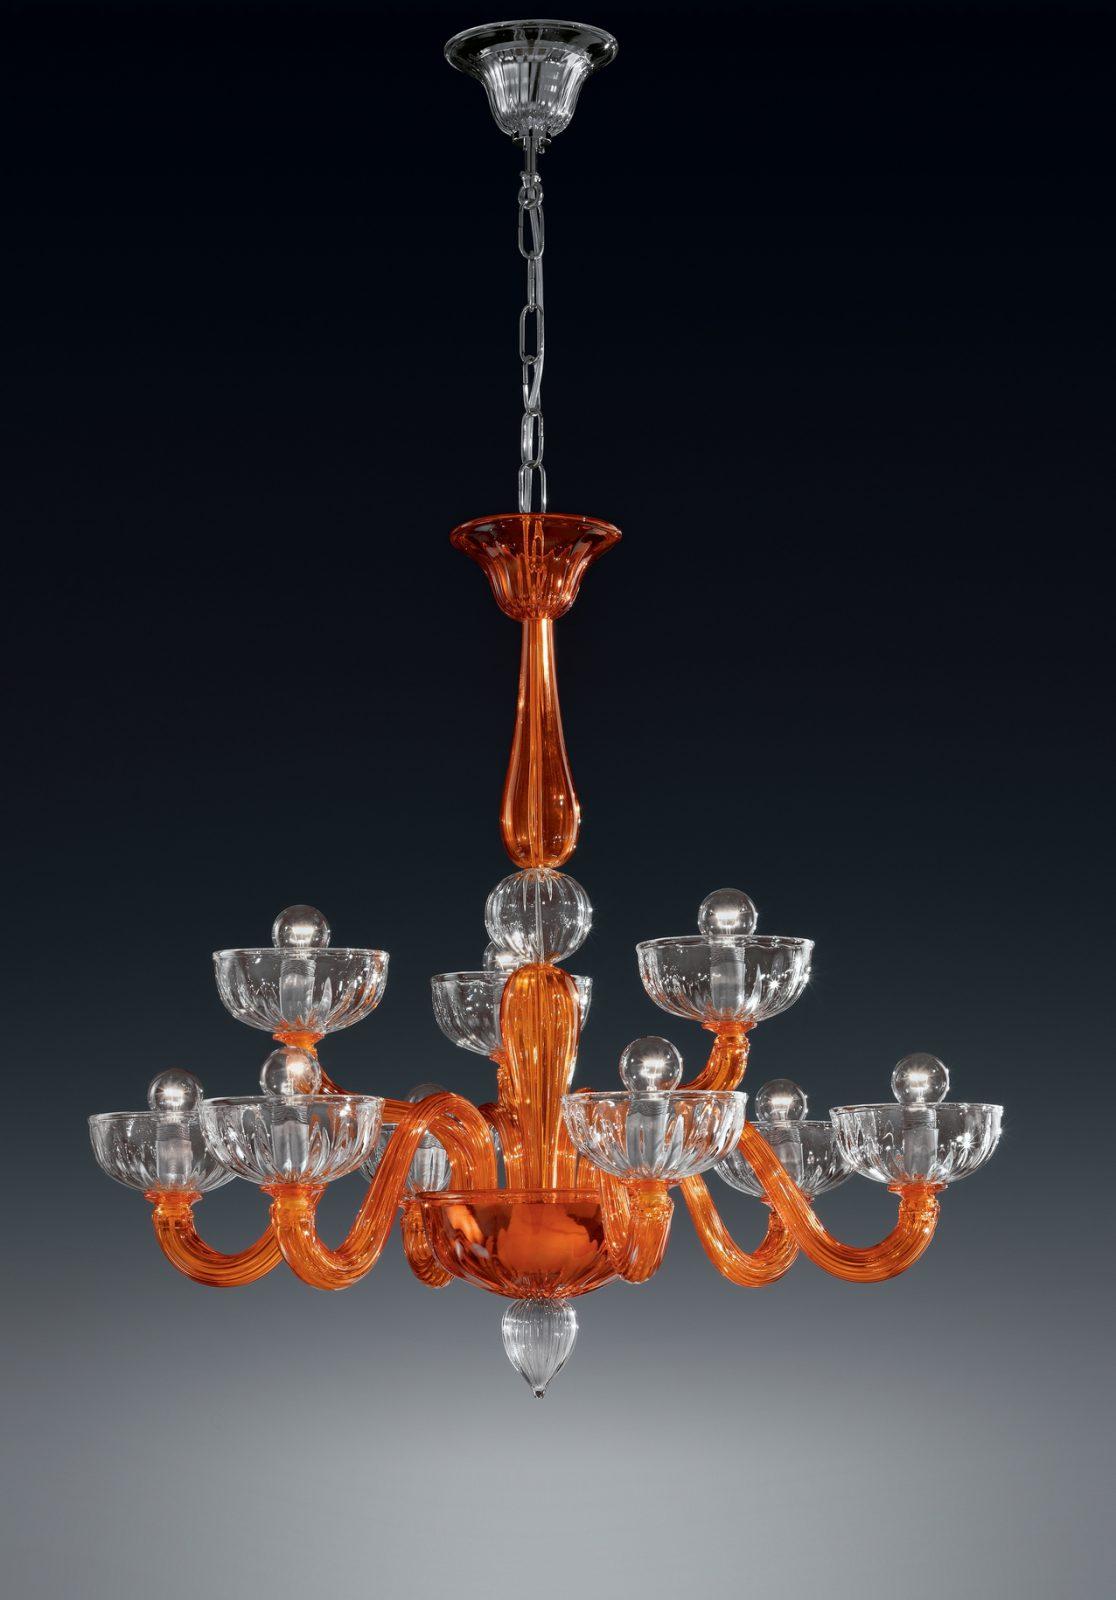 Lampadario moderno in alluminio e vetro soffiato bianco, arancio, caffè e verde oliva 3 luci con attacco e27. Lampadario 6 3 Luci 925 6 3 I Colorati Di Murano Vetrilamp